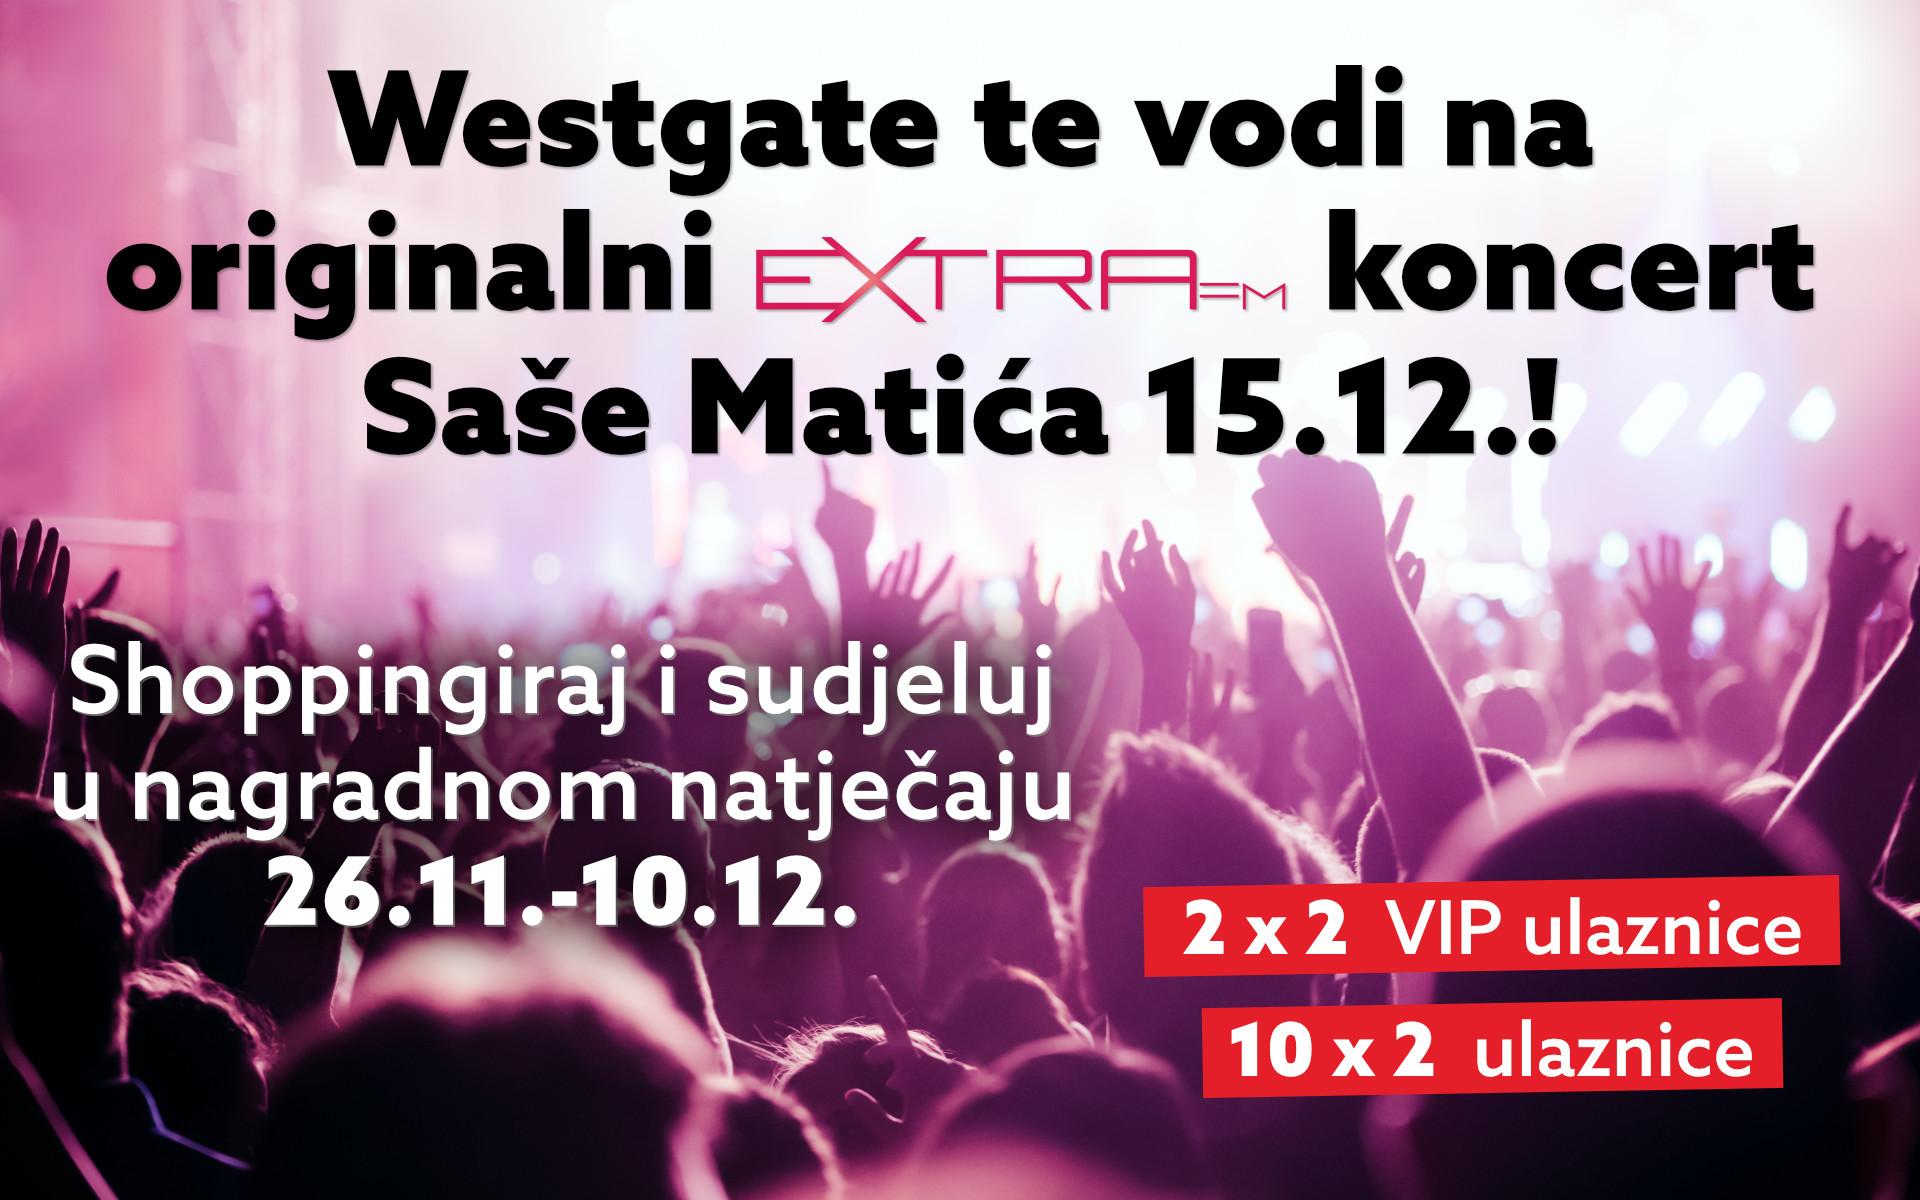 Osvoji VIP ulaznice za koncert godine!